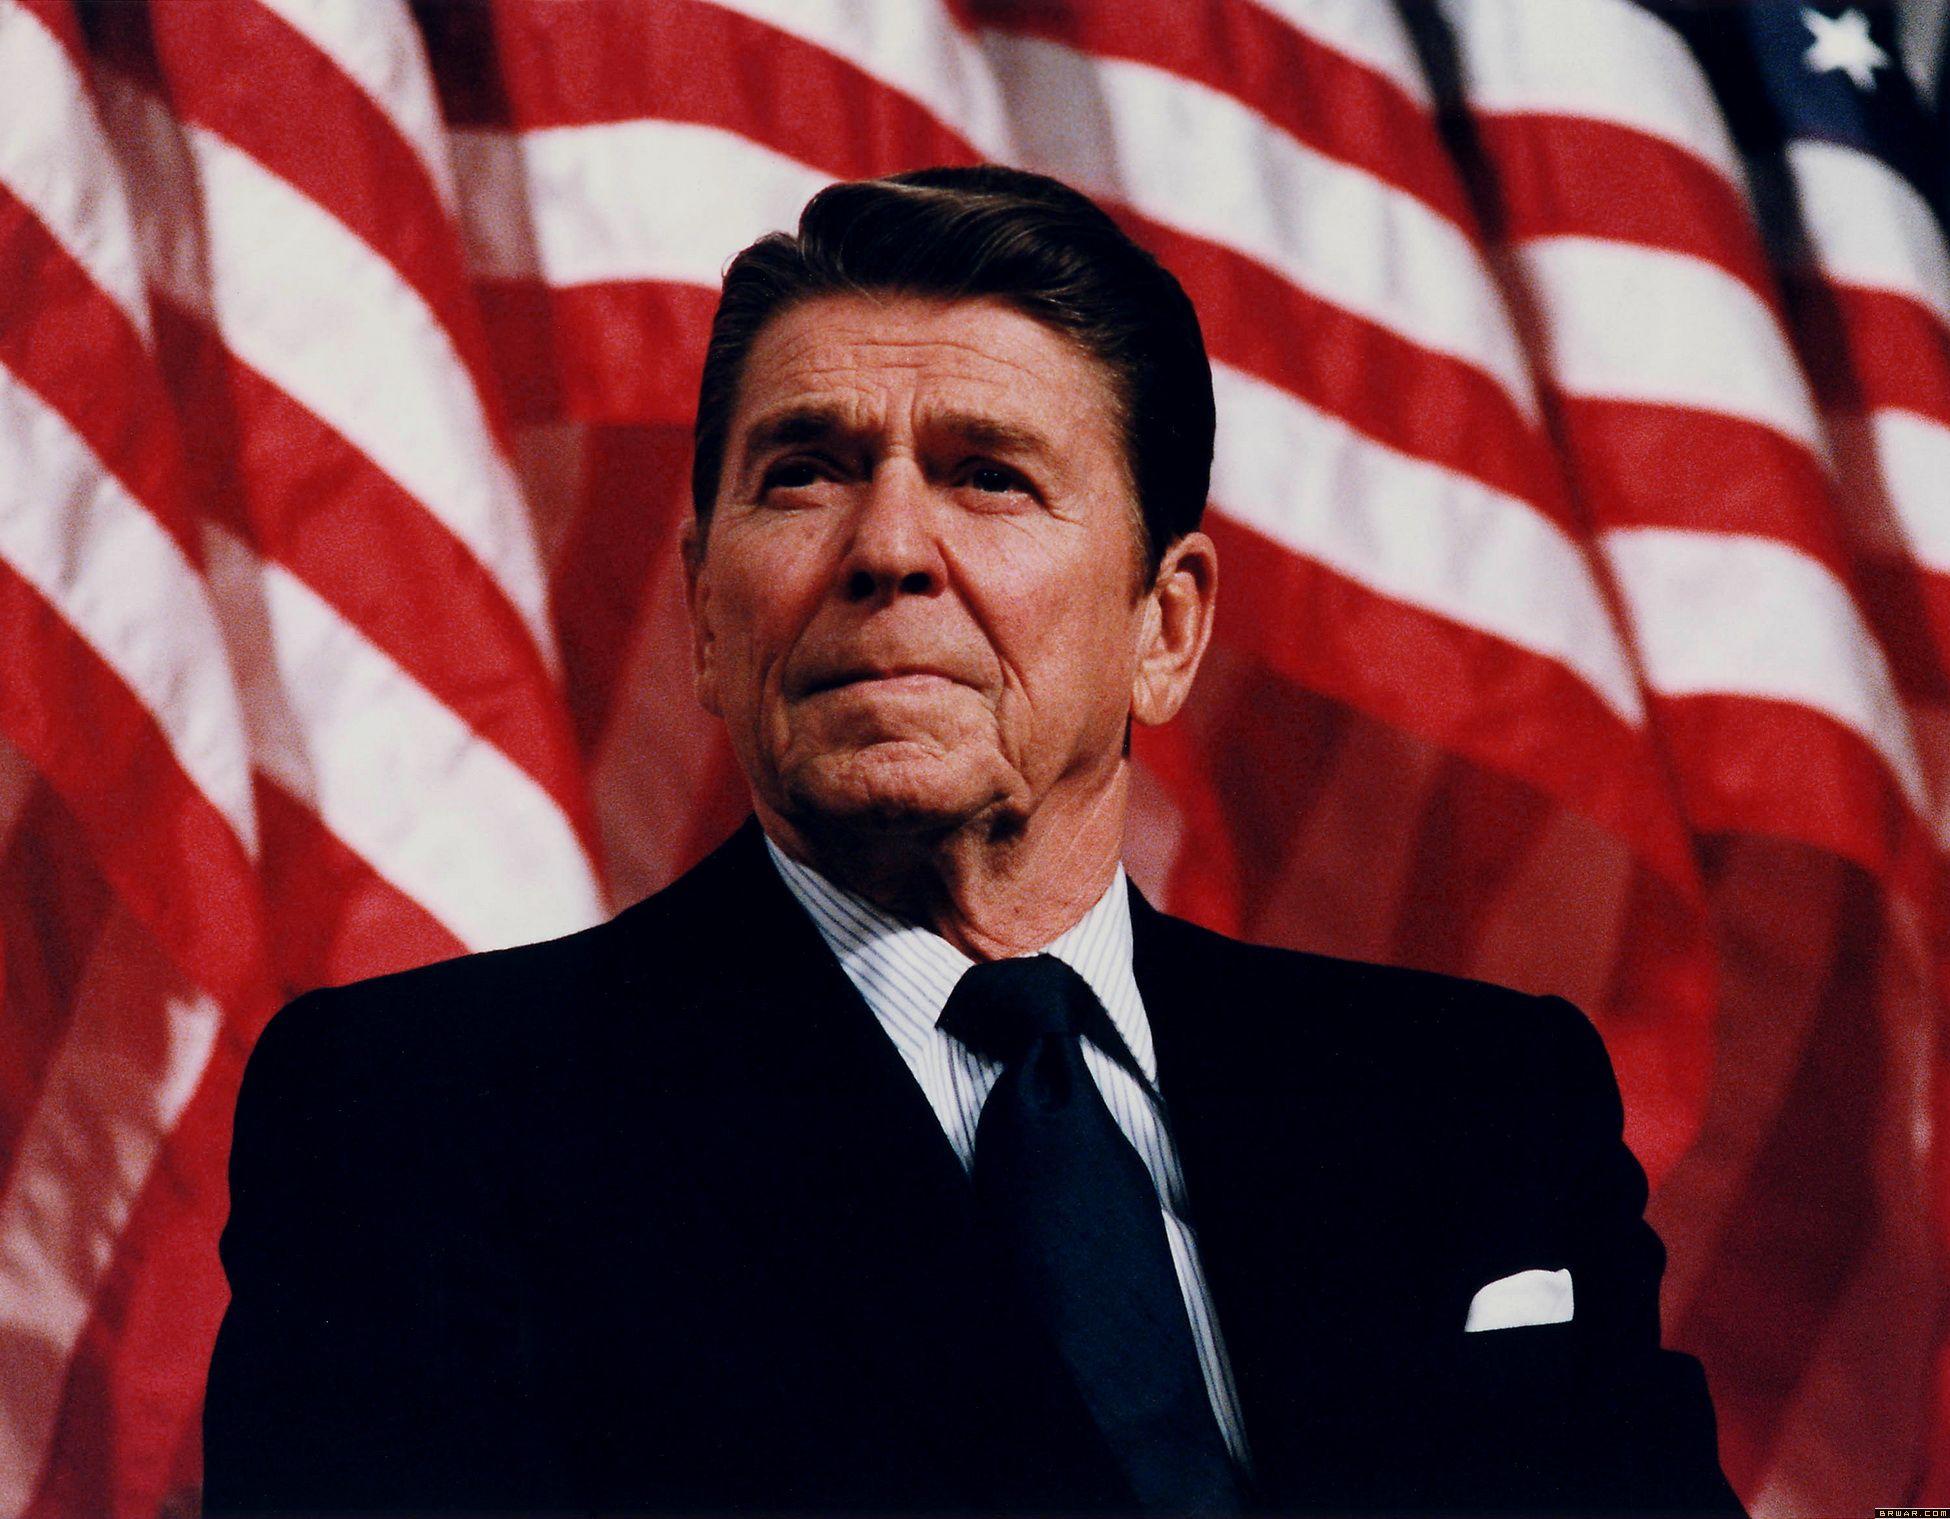 美国最伟大的总统 第40任美国总统罗纳德 里根图片 327256 1950x1519